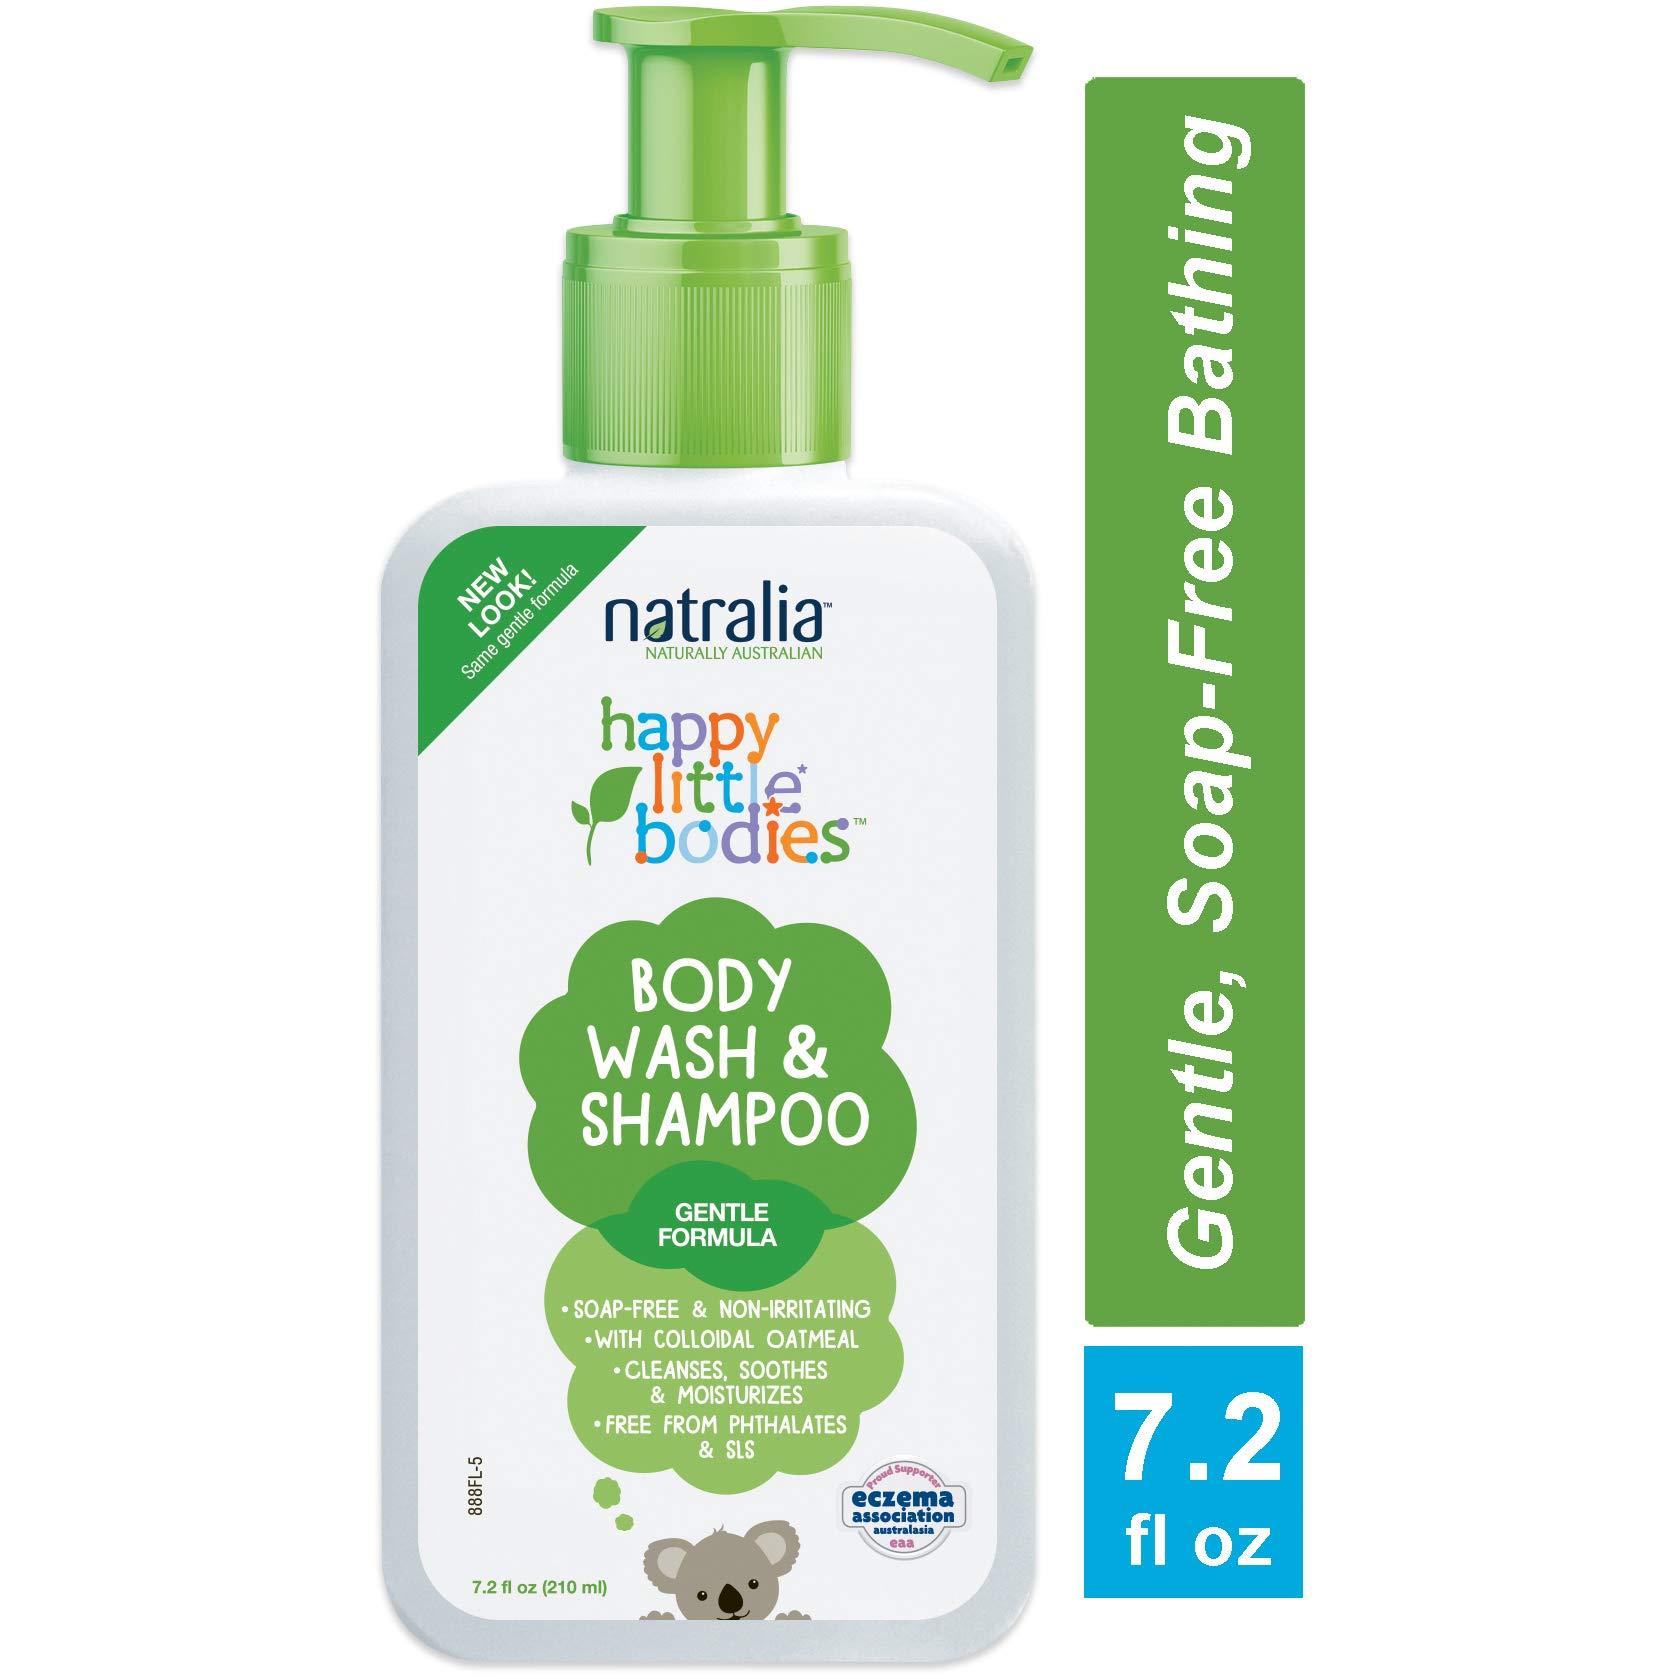 Natralia Happy Little Bodies Eczema Body Wash & Shampoo, 7.2 Ounce